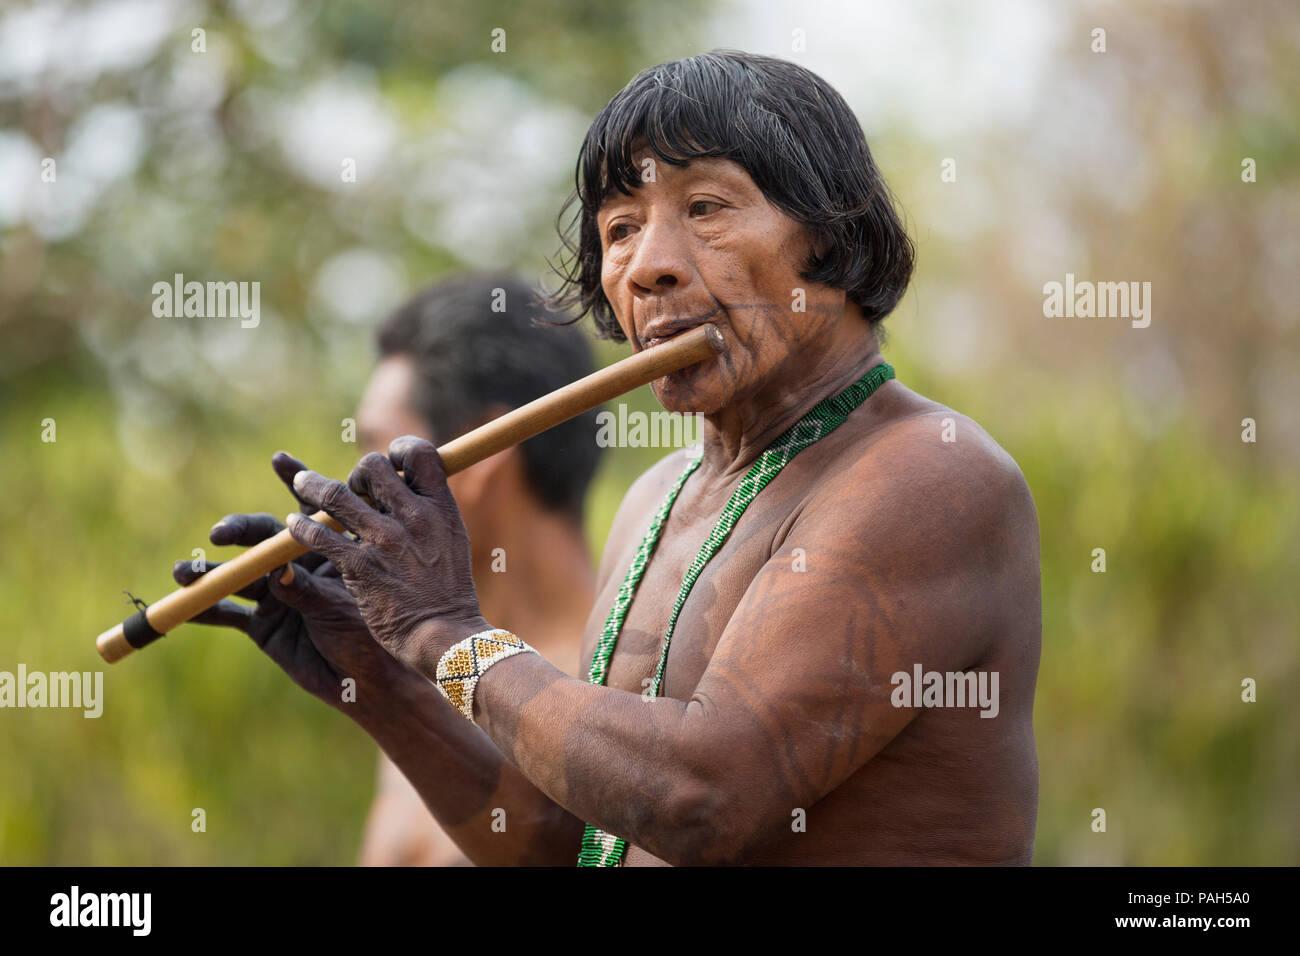 Sud America, Panama, Darien la giungla. Embera uomo suonare il flauto. Immagini Stock